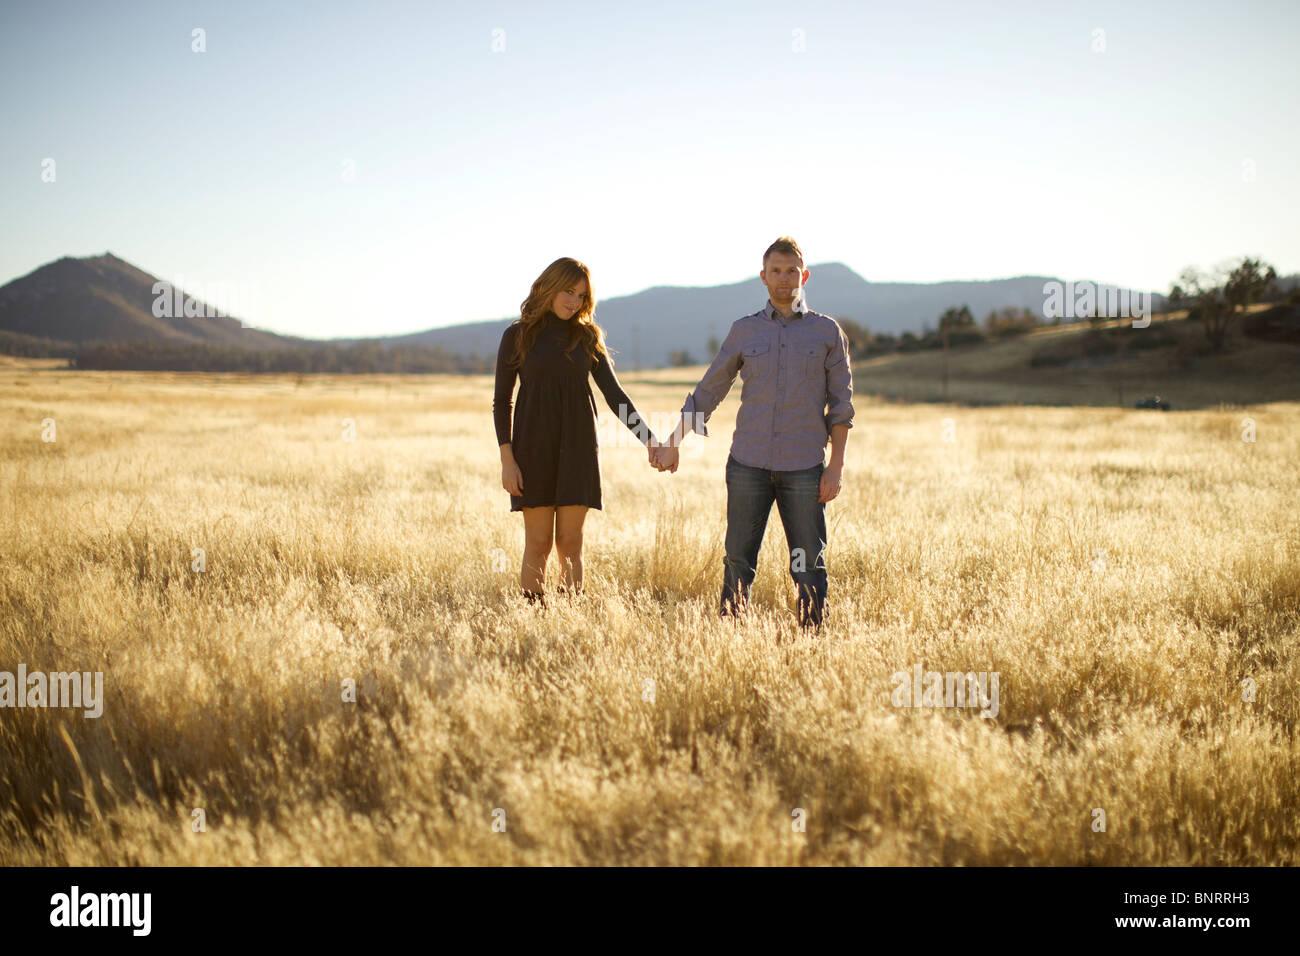 Paar an den Händen halten, als die Kamera schauen und Lächeln in ein offenes Feld Stockbild